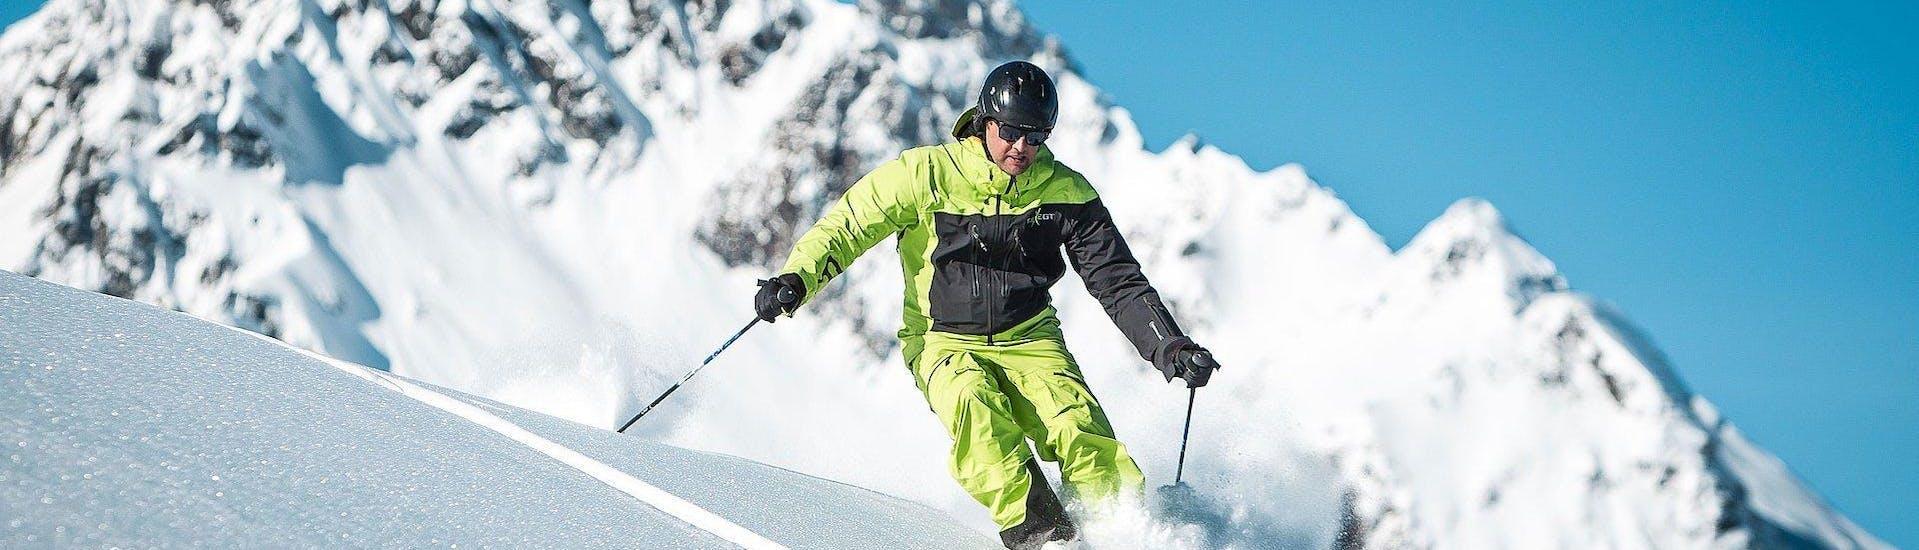 Cours particulier de ski Adultes pour Tous niveaux avec Ski School Bewegt Kaprun - Hero image